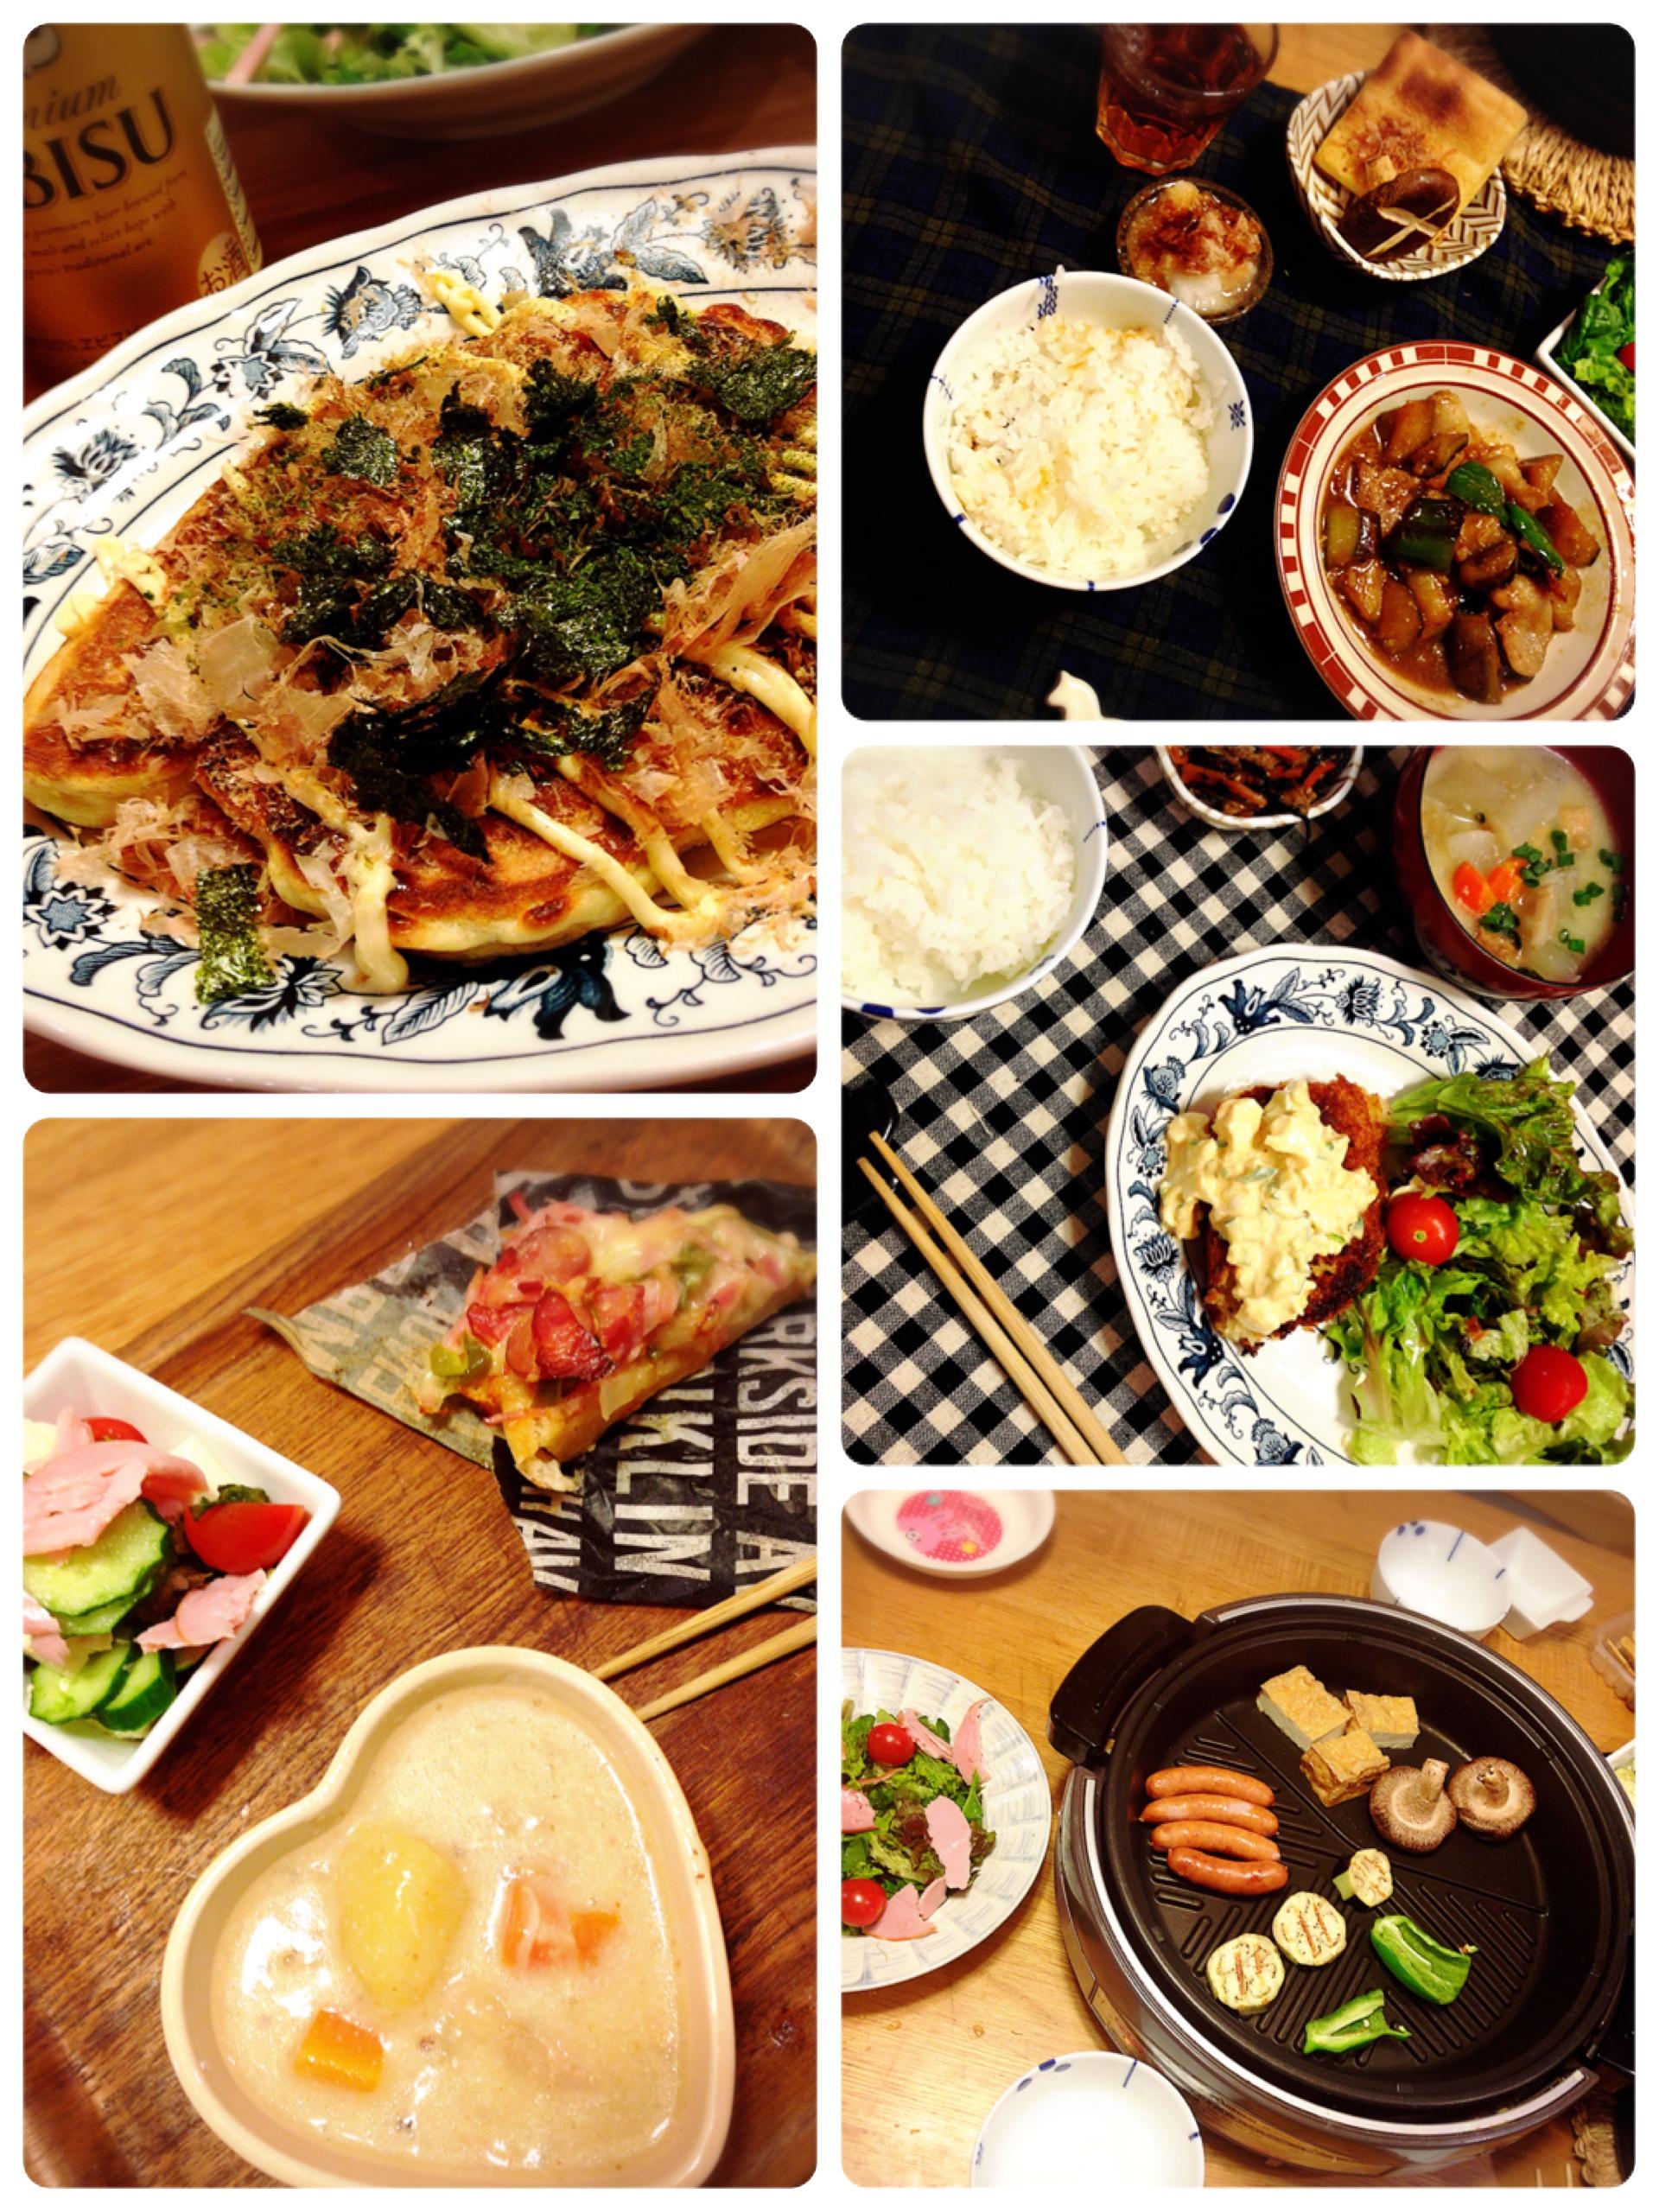 1週間の夜ご飯 4/3~4/7 手抜きの副菜はサラダ!生野菜!焼き野菜!